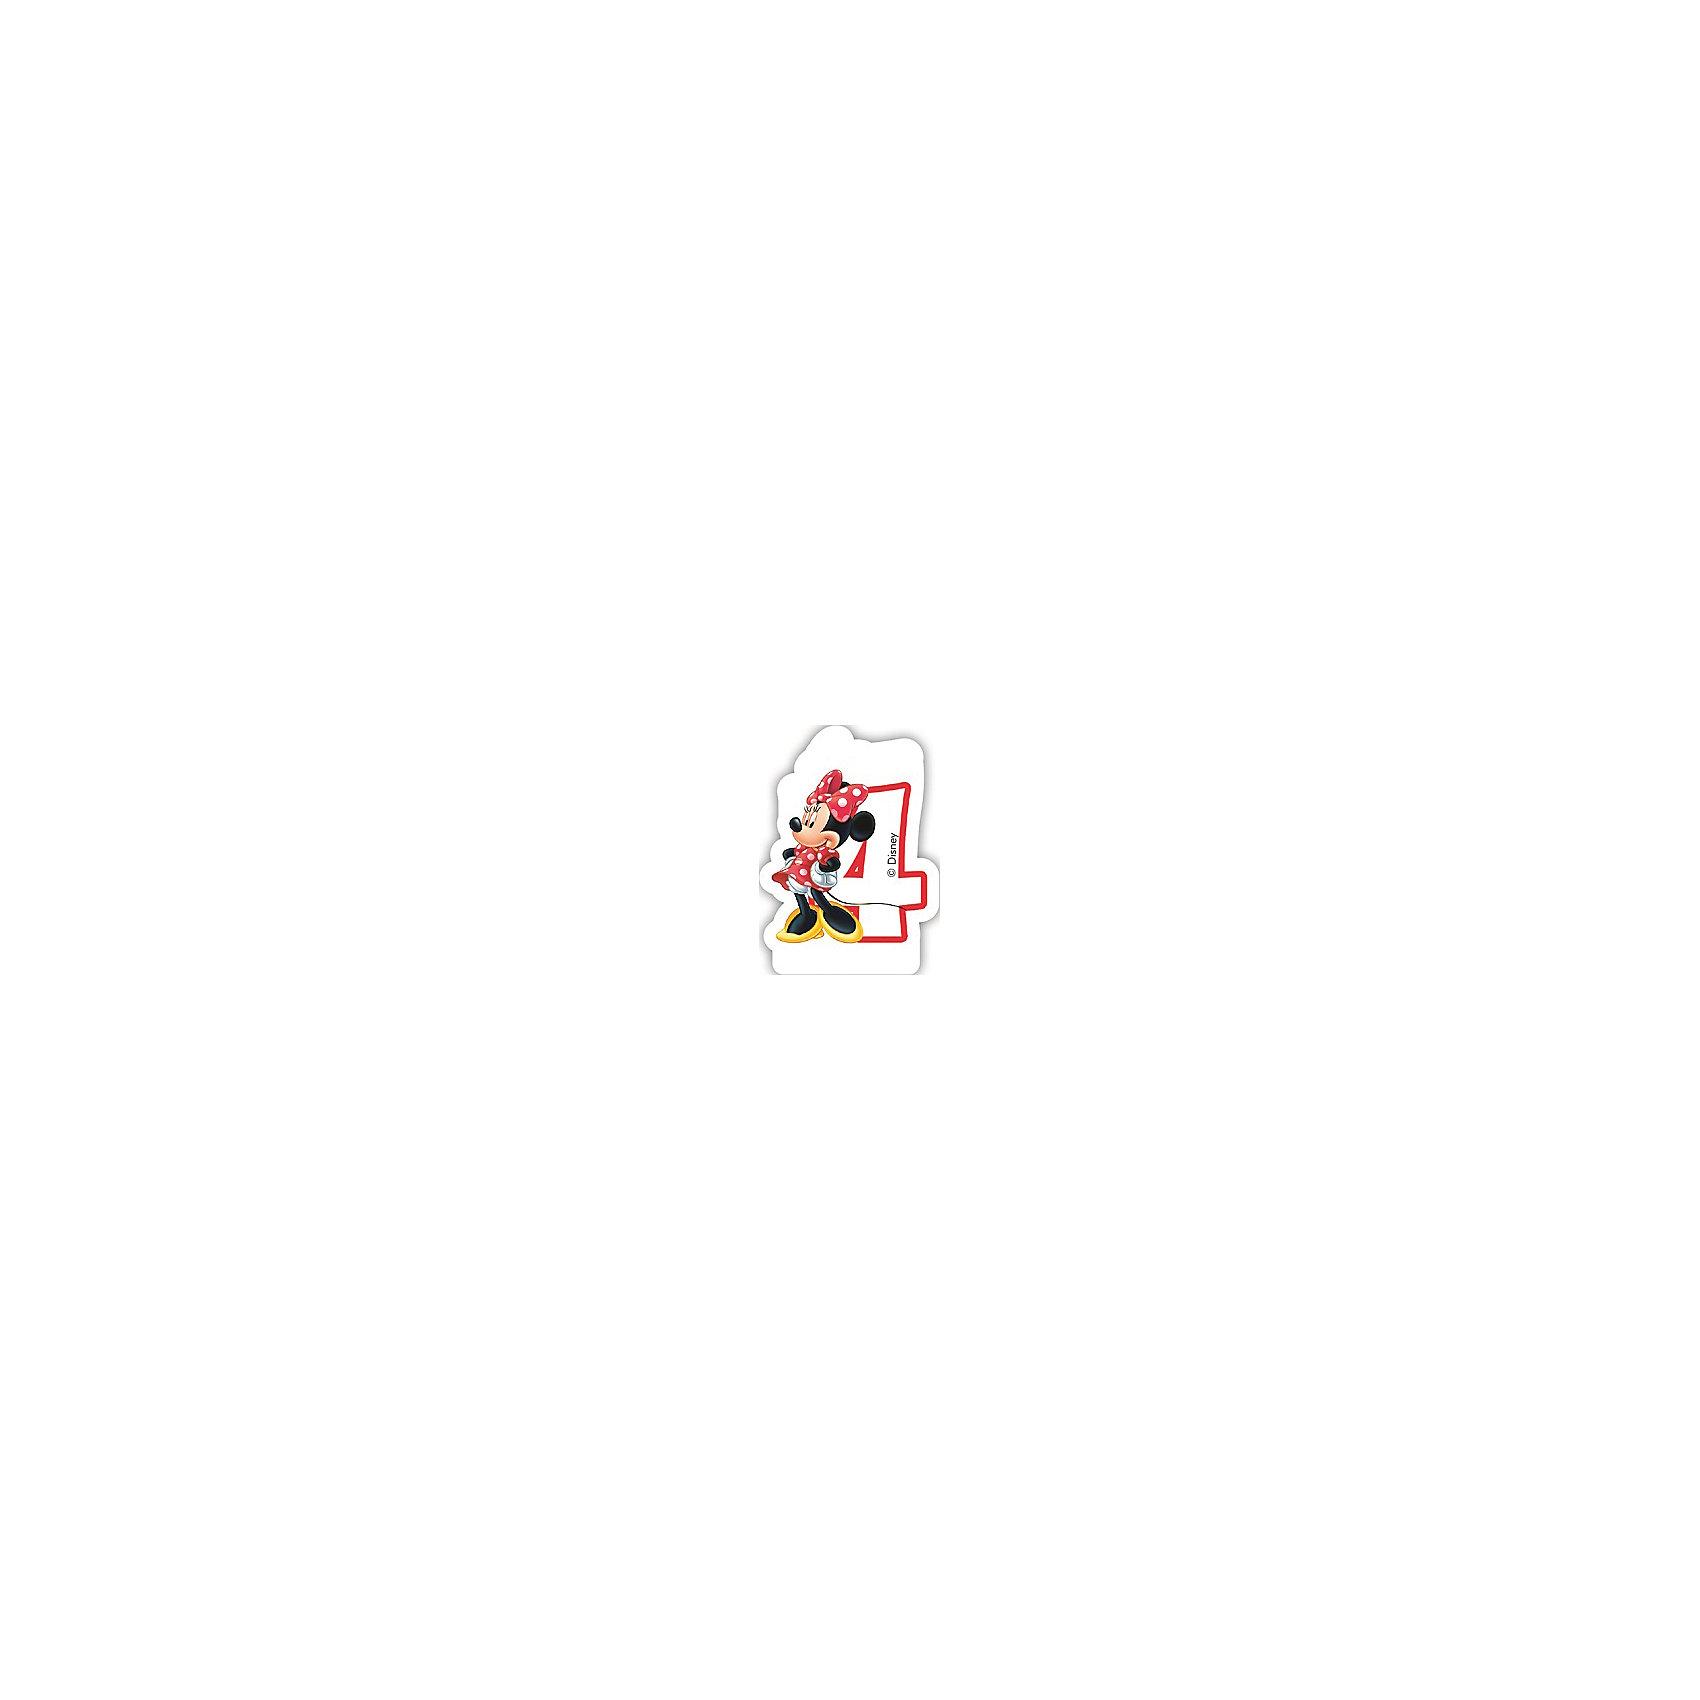 Объемная свечка Кафе Минни 4 годаМинни Маус<br>Объемная свечка Кафе Минни,  украсит праздничный торт Вашей малышки на ее 4-летие. Свечка выполнена в форме цифры 4 с фигуркой веселой мышки Минни из популярных диснеевских мультфильмов о мышонке Микки-Маусе и его друзьях. Яркая оригинальная свечка создаст волшебную атмосферу и уют на любимом детском празднике.<br><br>Дополнительная информация:<br><br>- Материал: парафин. <br>- Размер: 2,6 х 8,8 х 13 см.<br>- Вес: 150 гр. <br><br>Объемную свечку Кафе Минни 4 года  можно купить в нашем интернет-магазине.<br><br>Ширина мм: 26<br>Глубина мм: 88<br>Высота мм: 130<br>Вес г: 150<br>Возраст от месяцев: 36<br>Возраст до месяцев: 168<br>Пол: Женский<br>Возраст: Детский<br>SKU: 4008410